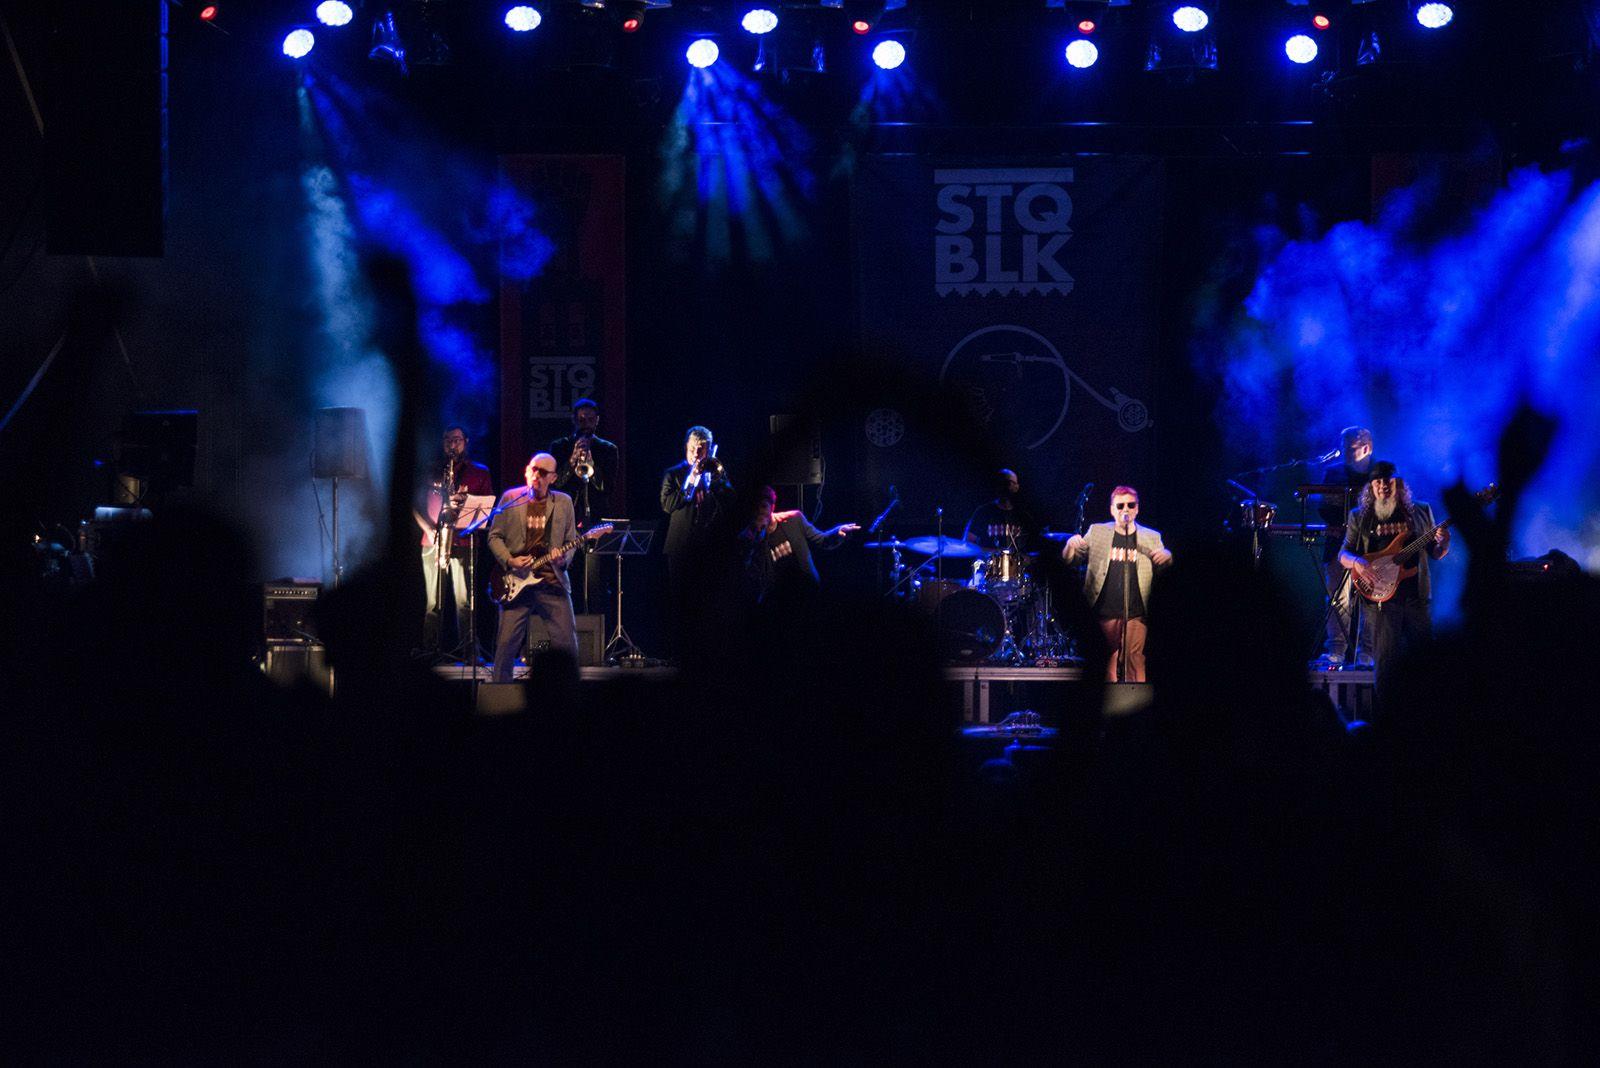 Fundación Tony Manero, en concert. Foto: Bernat Millet.